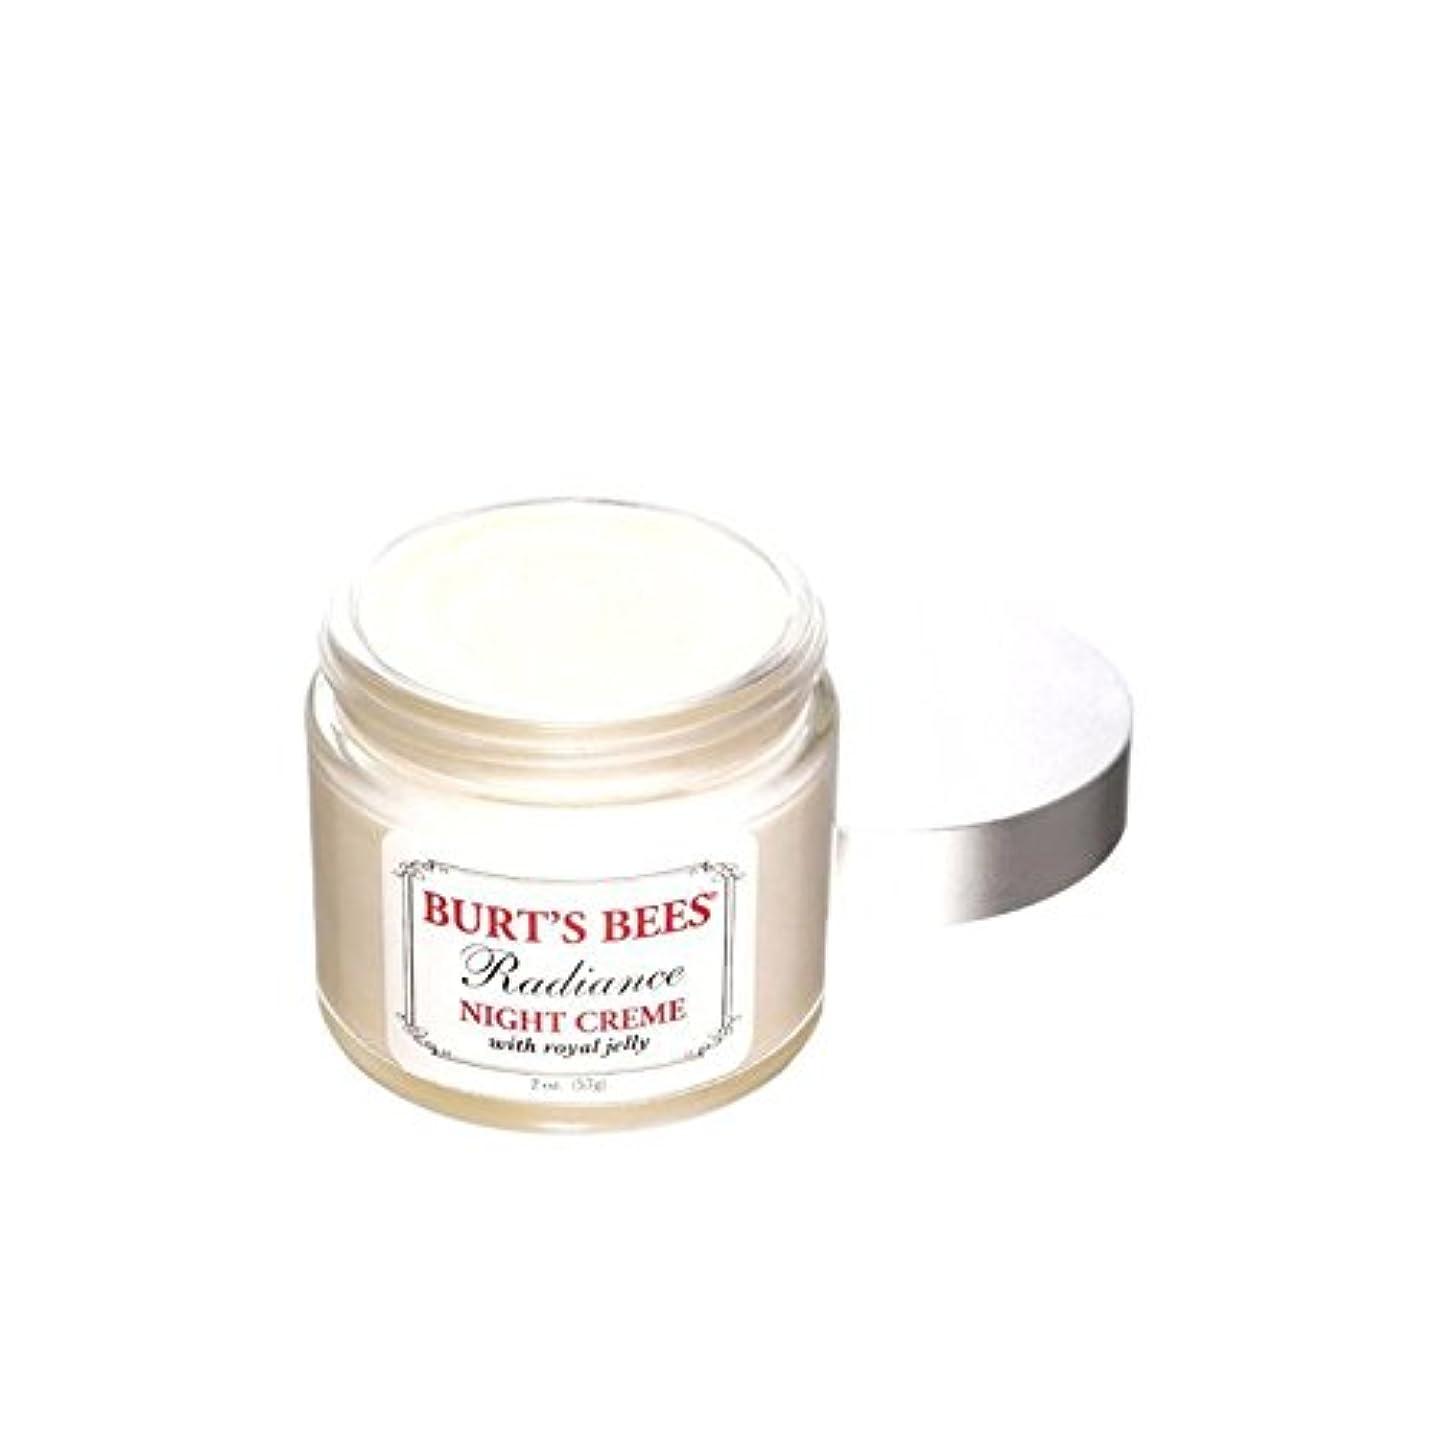 内部確率エンジニアバーツビー輝きの夜のクリーム x4 - Burt's Bees Radiance Night Creme (Pack of 4) [並行輸入品]